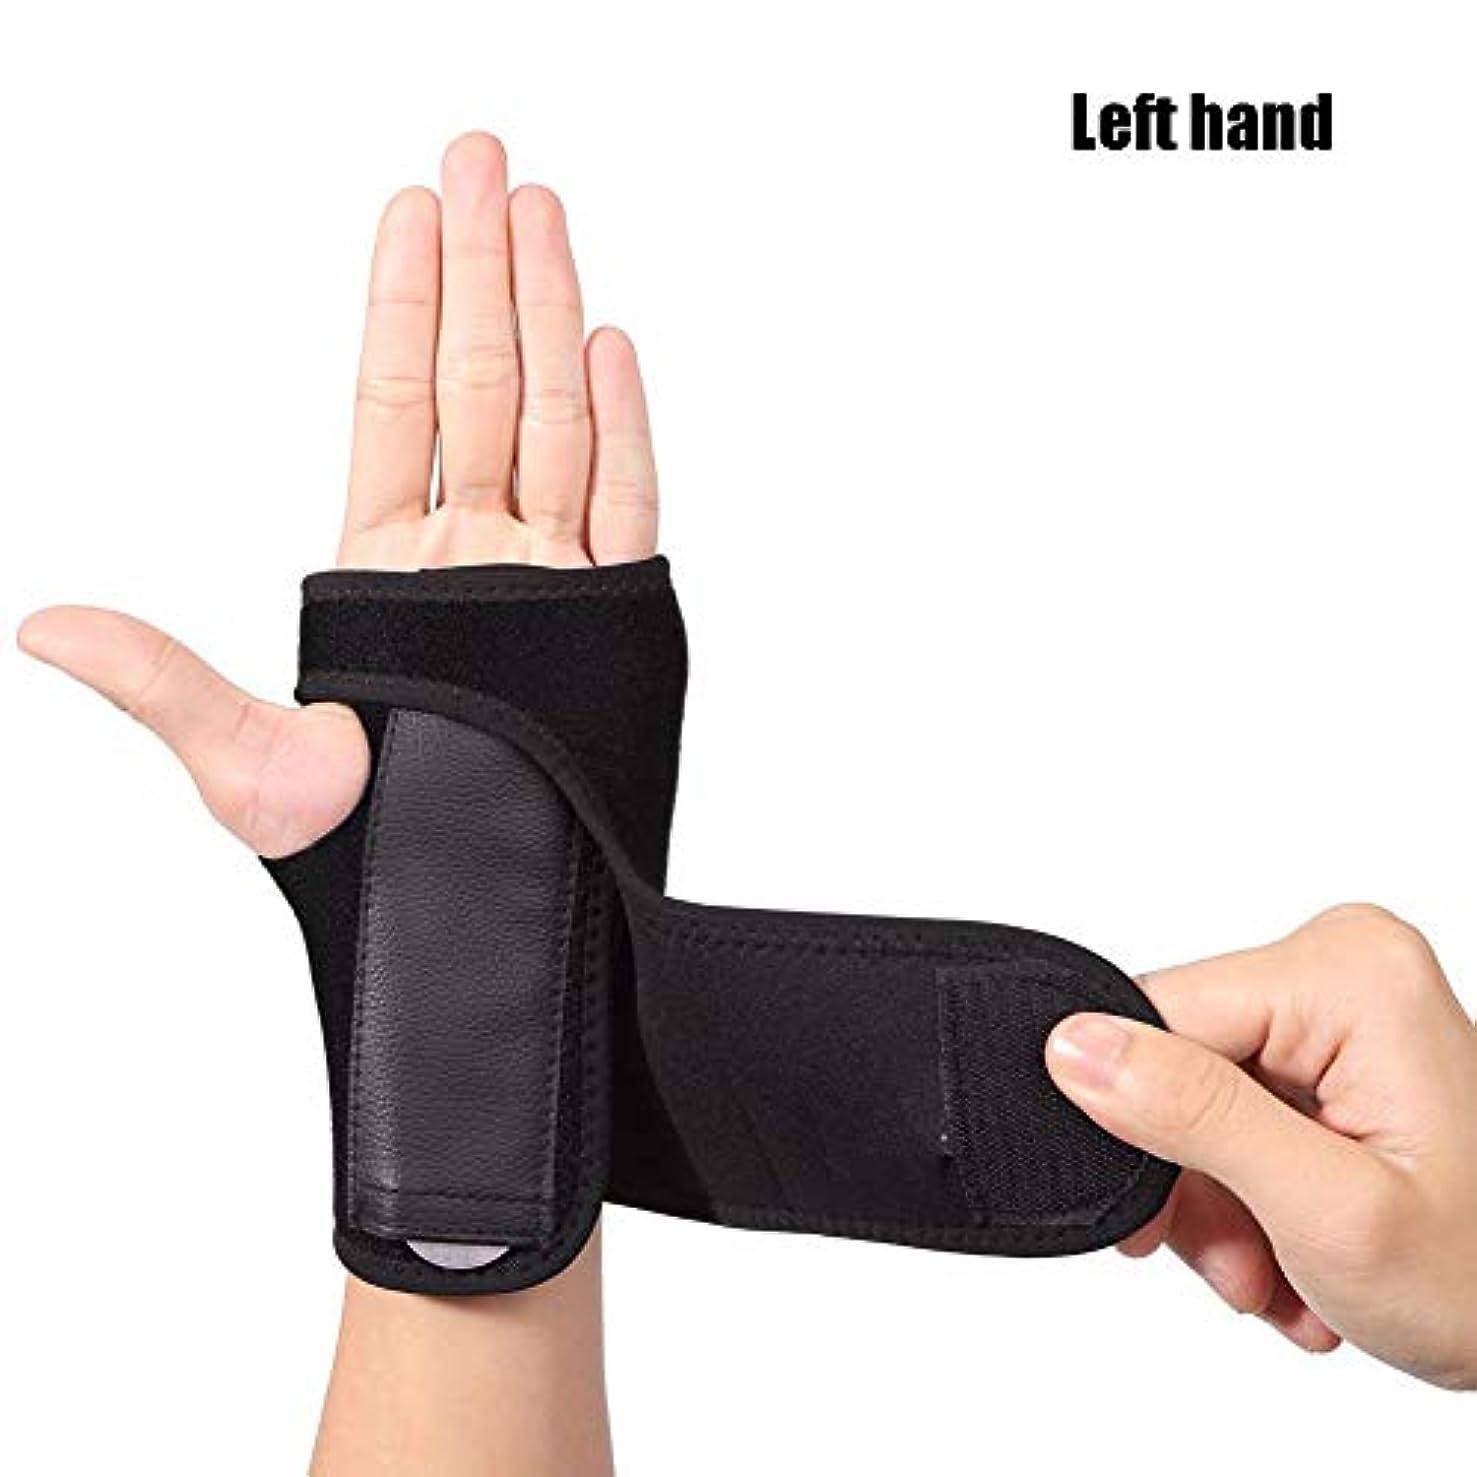 ポケットとても多くのビュッフェ手根管腱炎骨折関節炎の捻forのための手首のサポートスプリント,Left